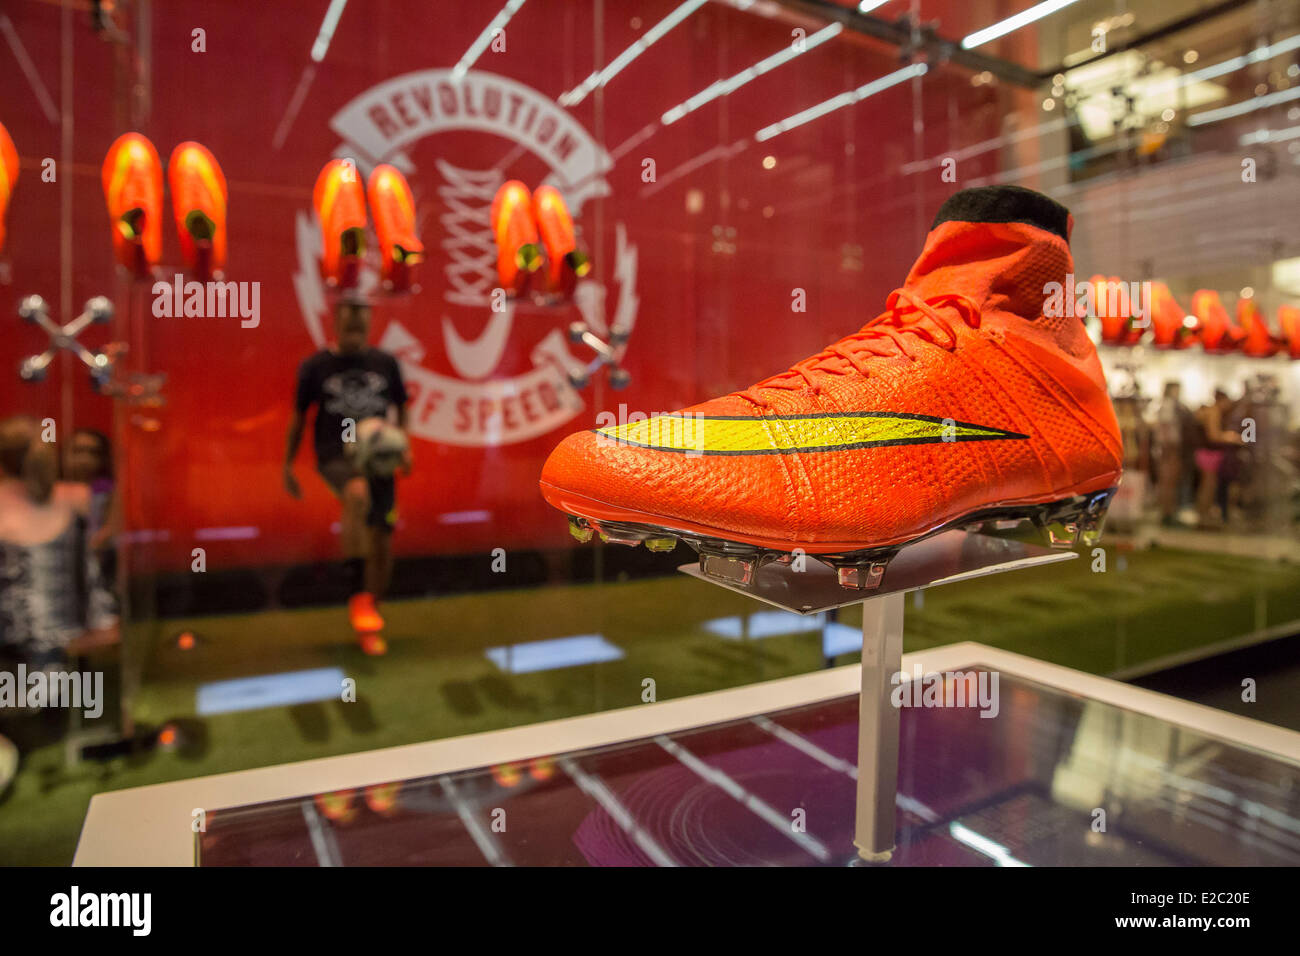 a6159ce65f7a 18. Juni 2014. Nike startete seine neue WM Fußball-Schuh Flagshipstore in  Midtown Manhattan. Der neue Nike 2014 World Cup Stiefel Herold eine neue  Ära der ...